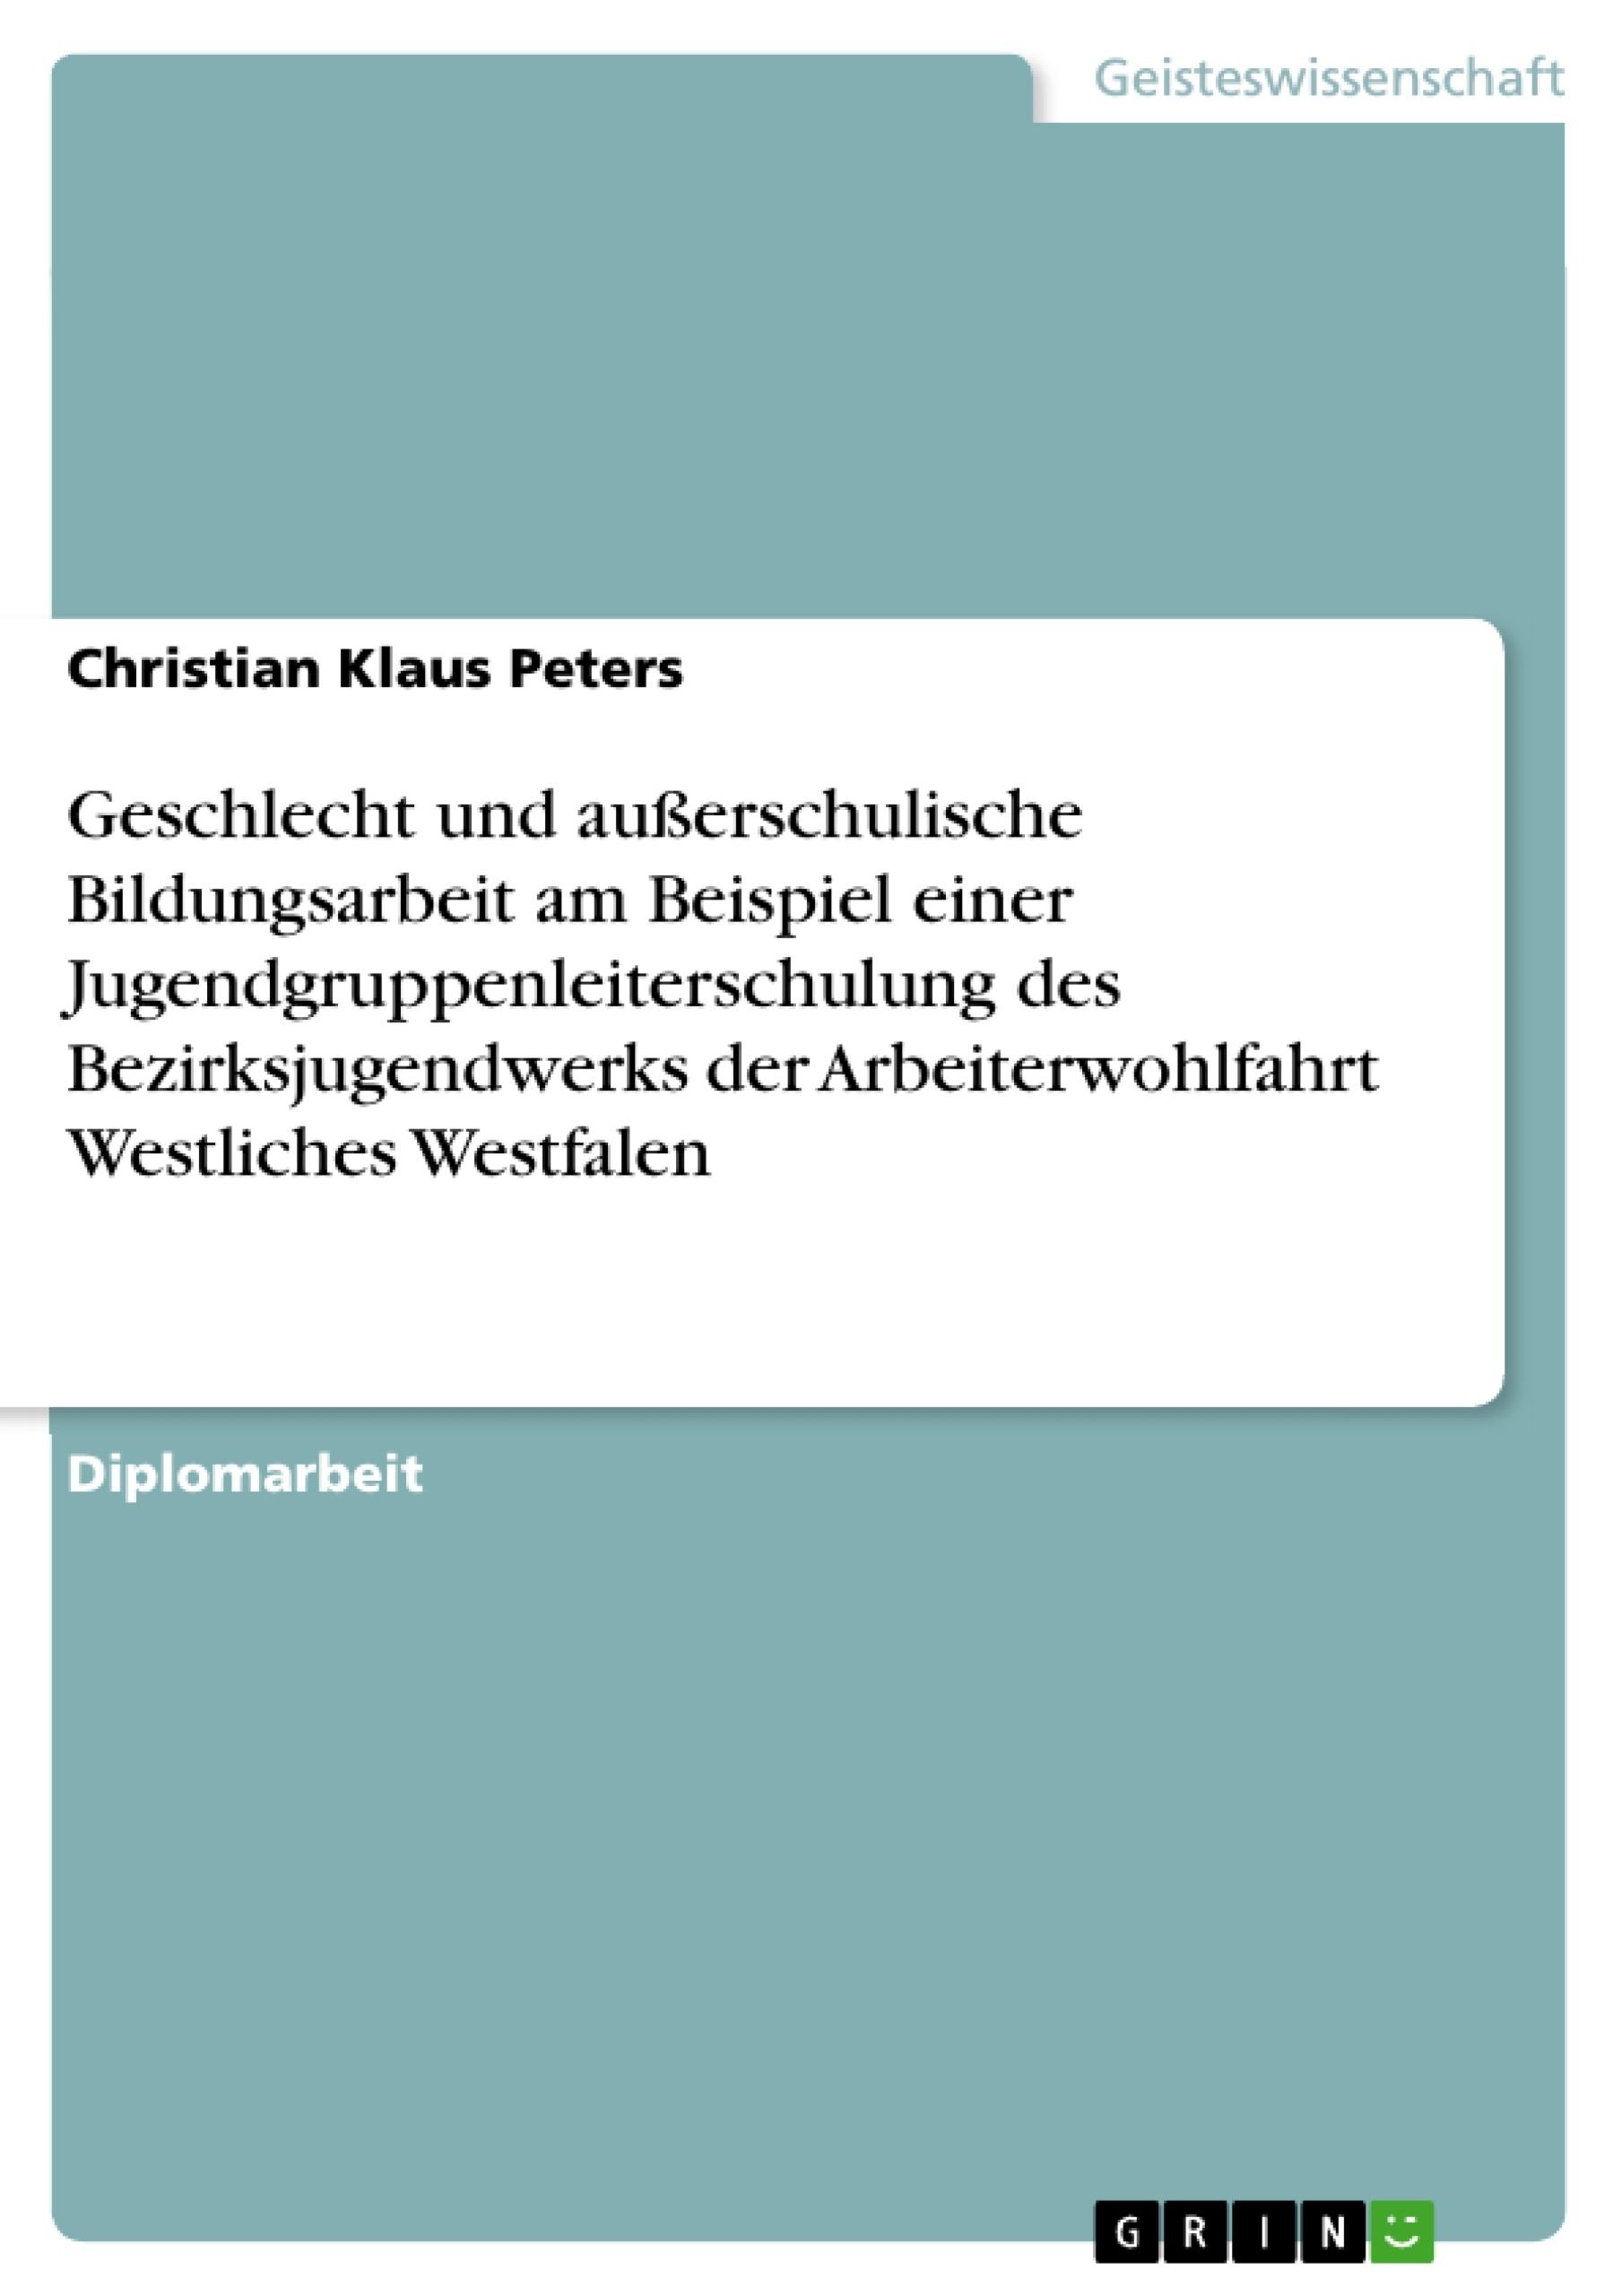 Titel: Geschlecht und außerschulische Bildungsarbeit am Beispiel einer Jugendgruppenleiterschulung des Bezirksjugendwerks der Arbeiterwohlfahrt Westliches Westfalen